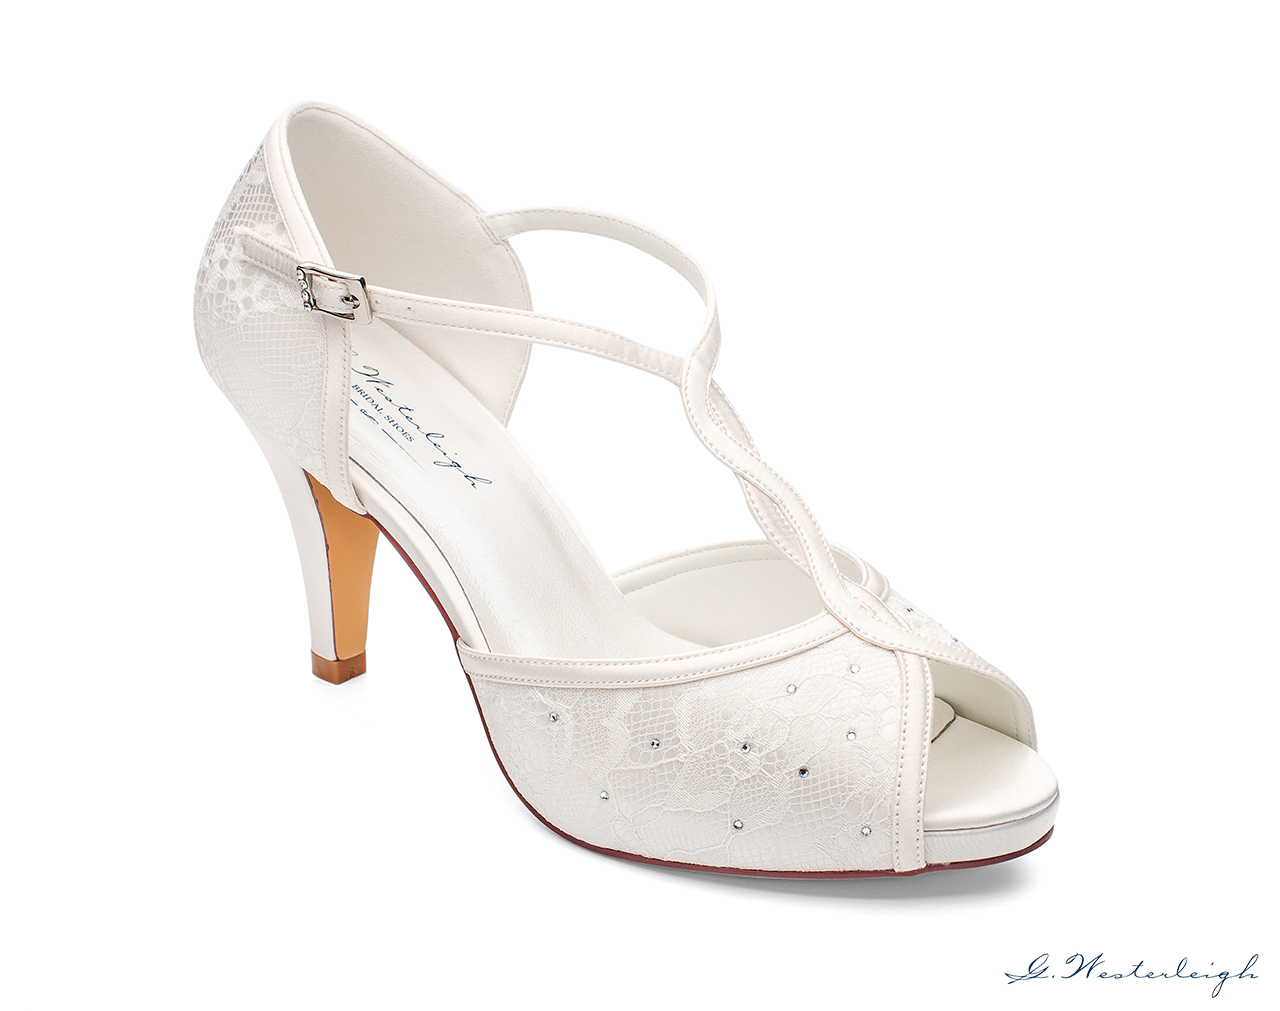 17445551a1 Webáruház / termékek / Alkalmi és esküvői cipők - gwesterleigh.com